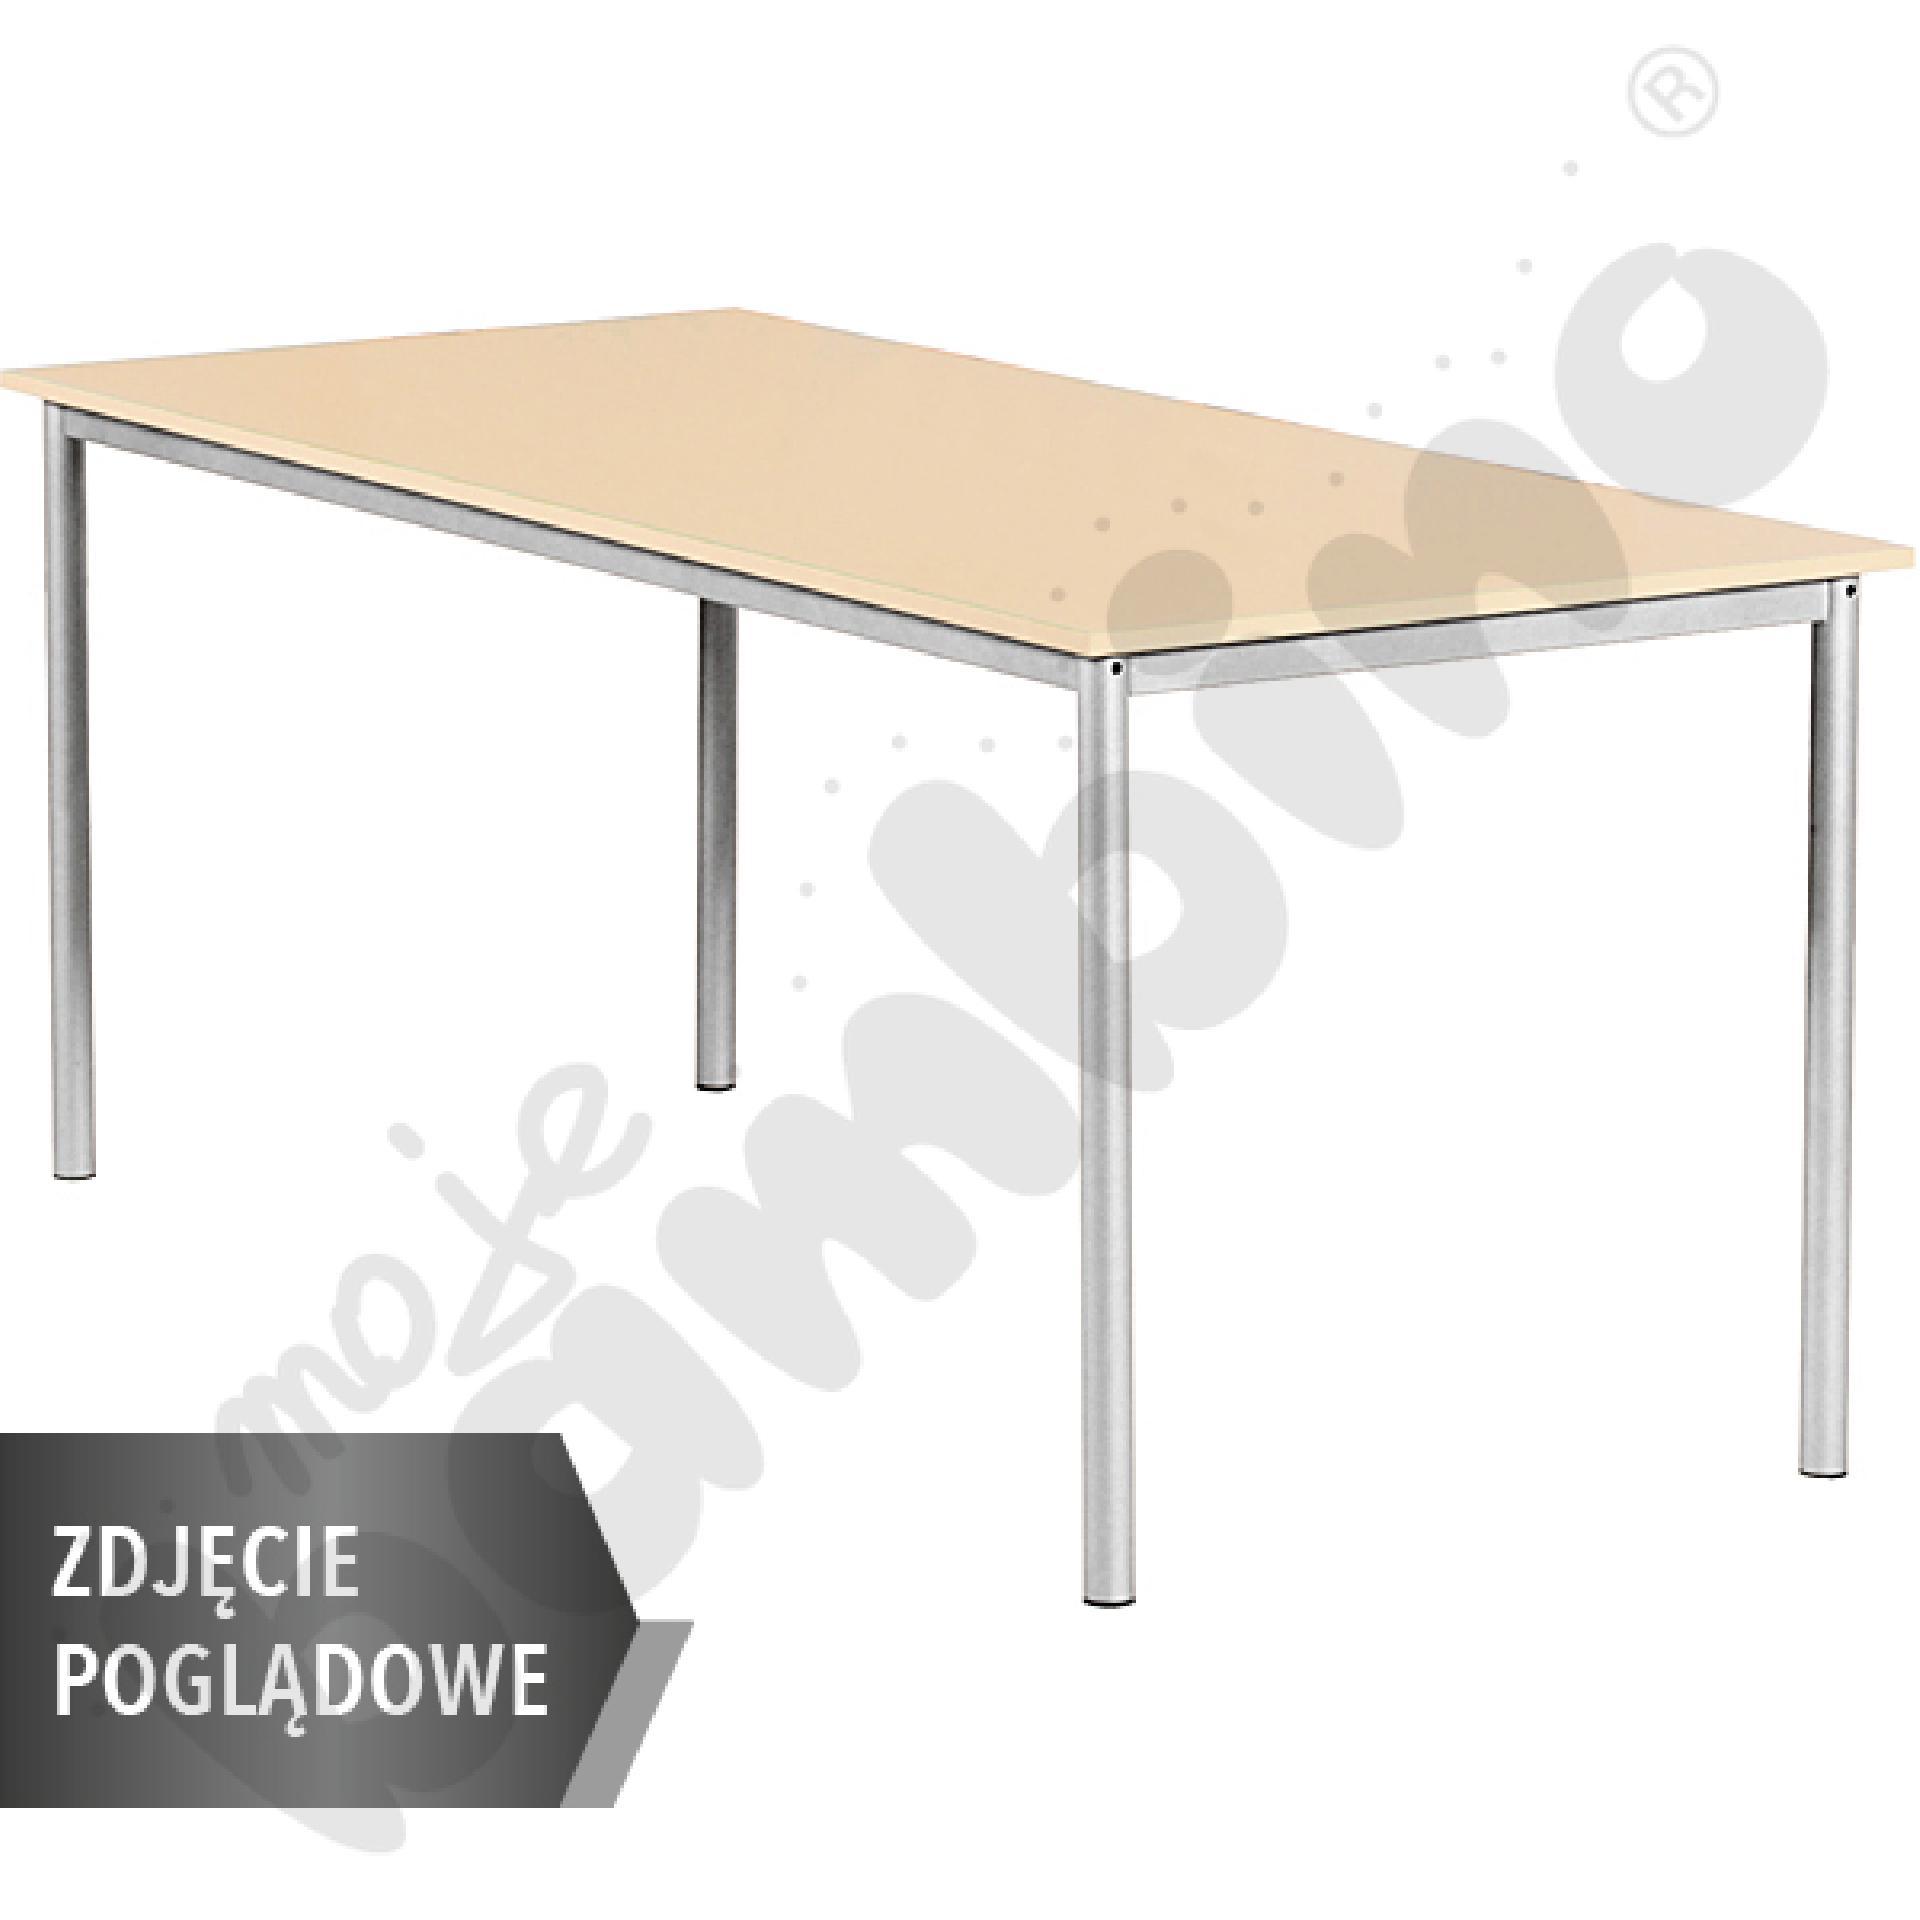 Stół Mila 160x80 rozm. 6, 8os., stelaż niebieski, blat szary, obrzeże ABS, narożniki proste